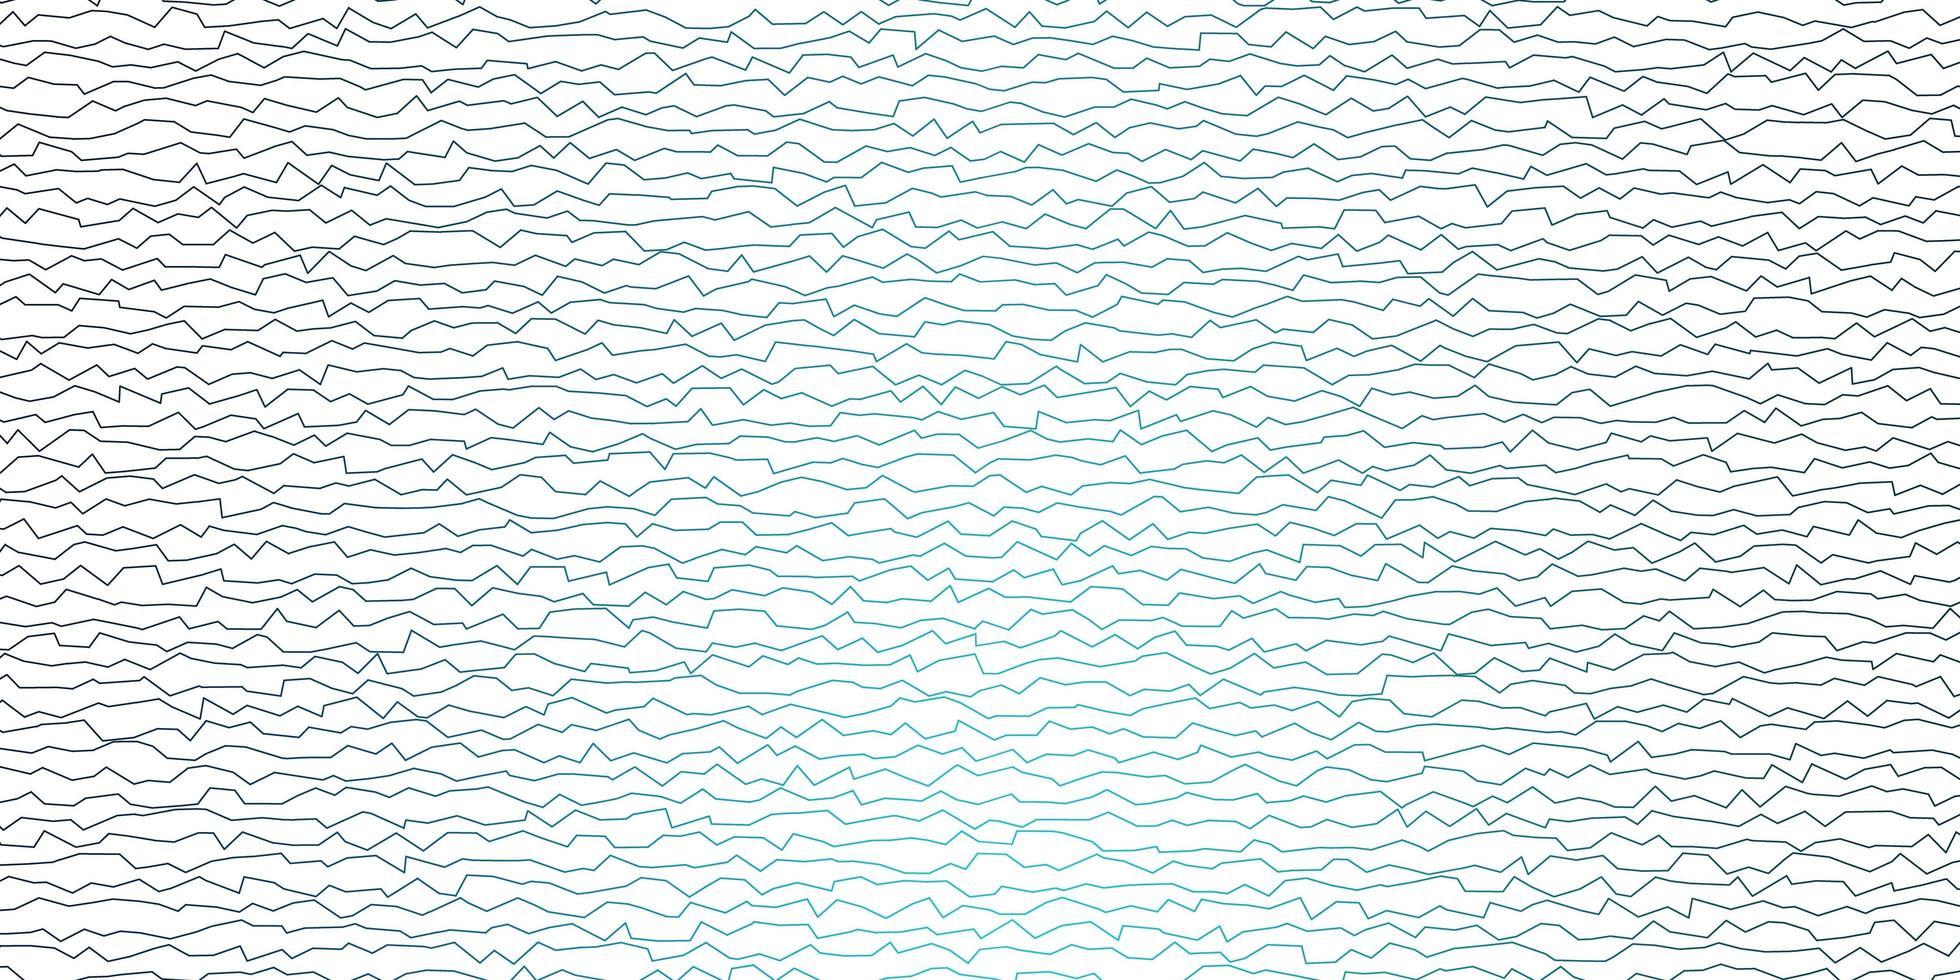 plantilla azul oscuro con líneas. vector